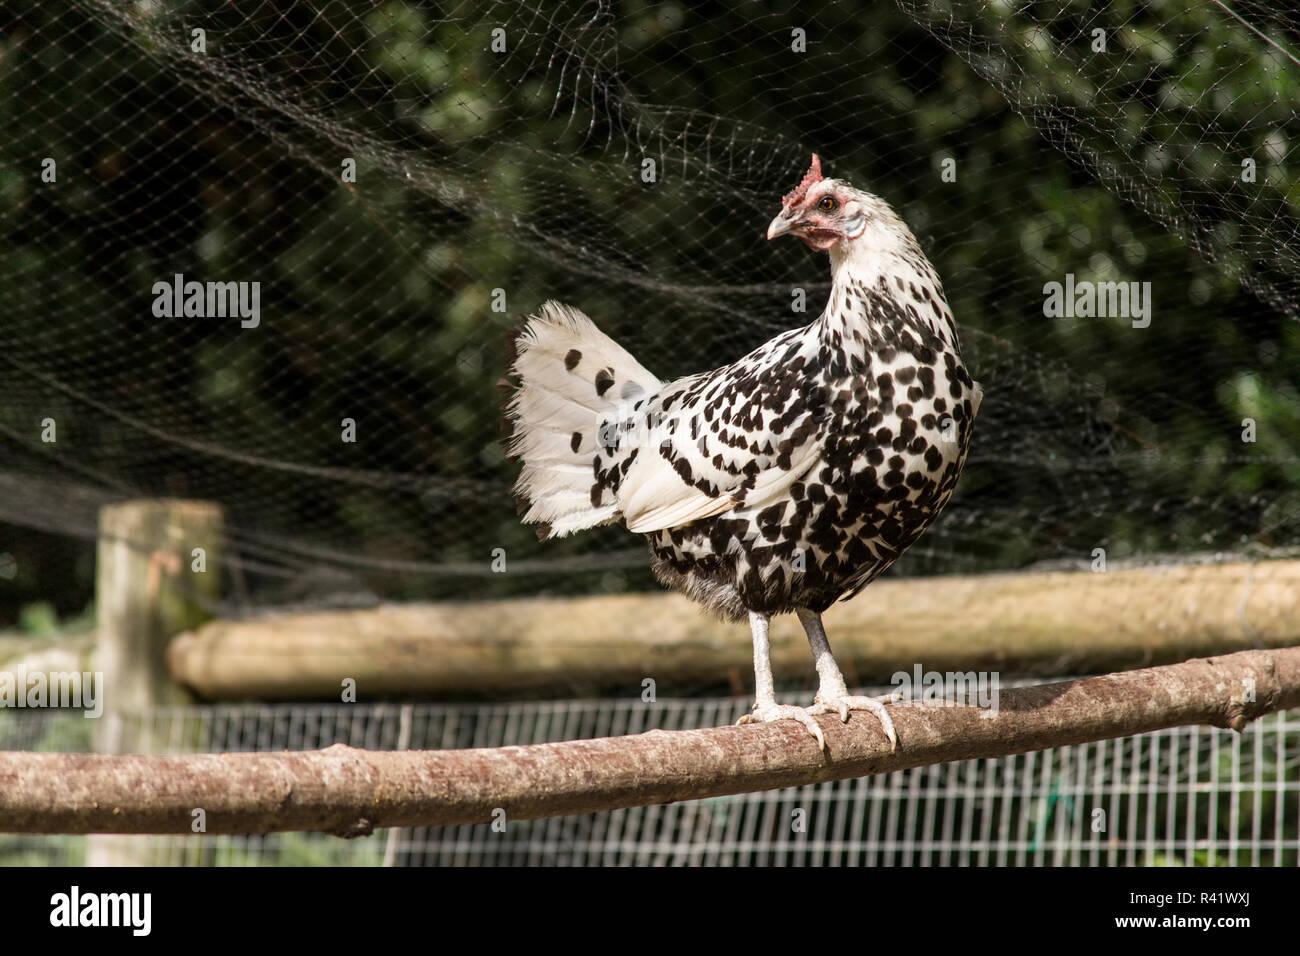 Animal Confinement Stock Photos & Animal Confinement Stock